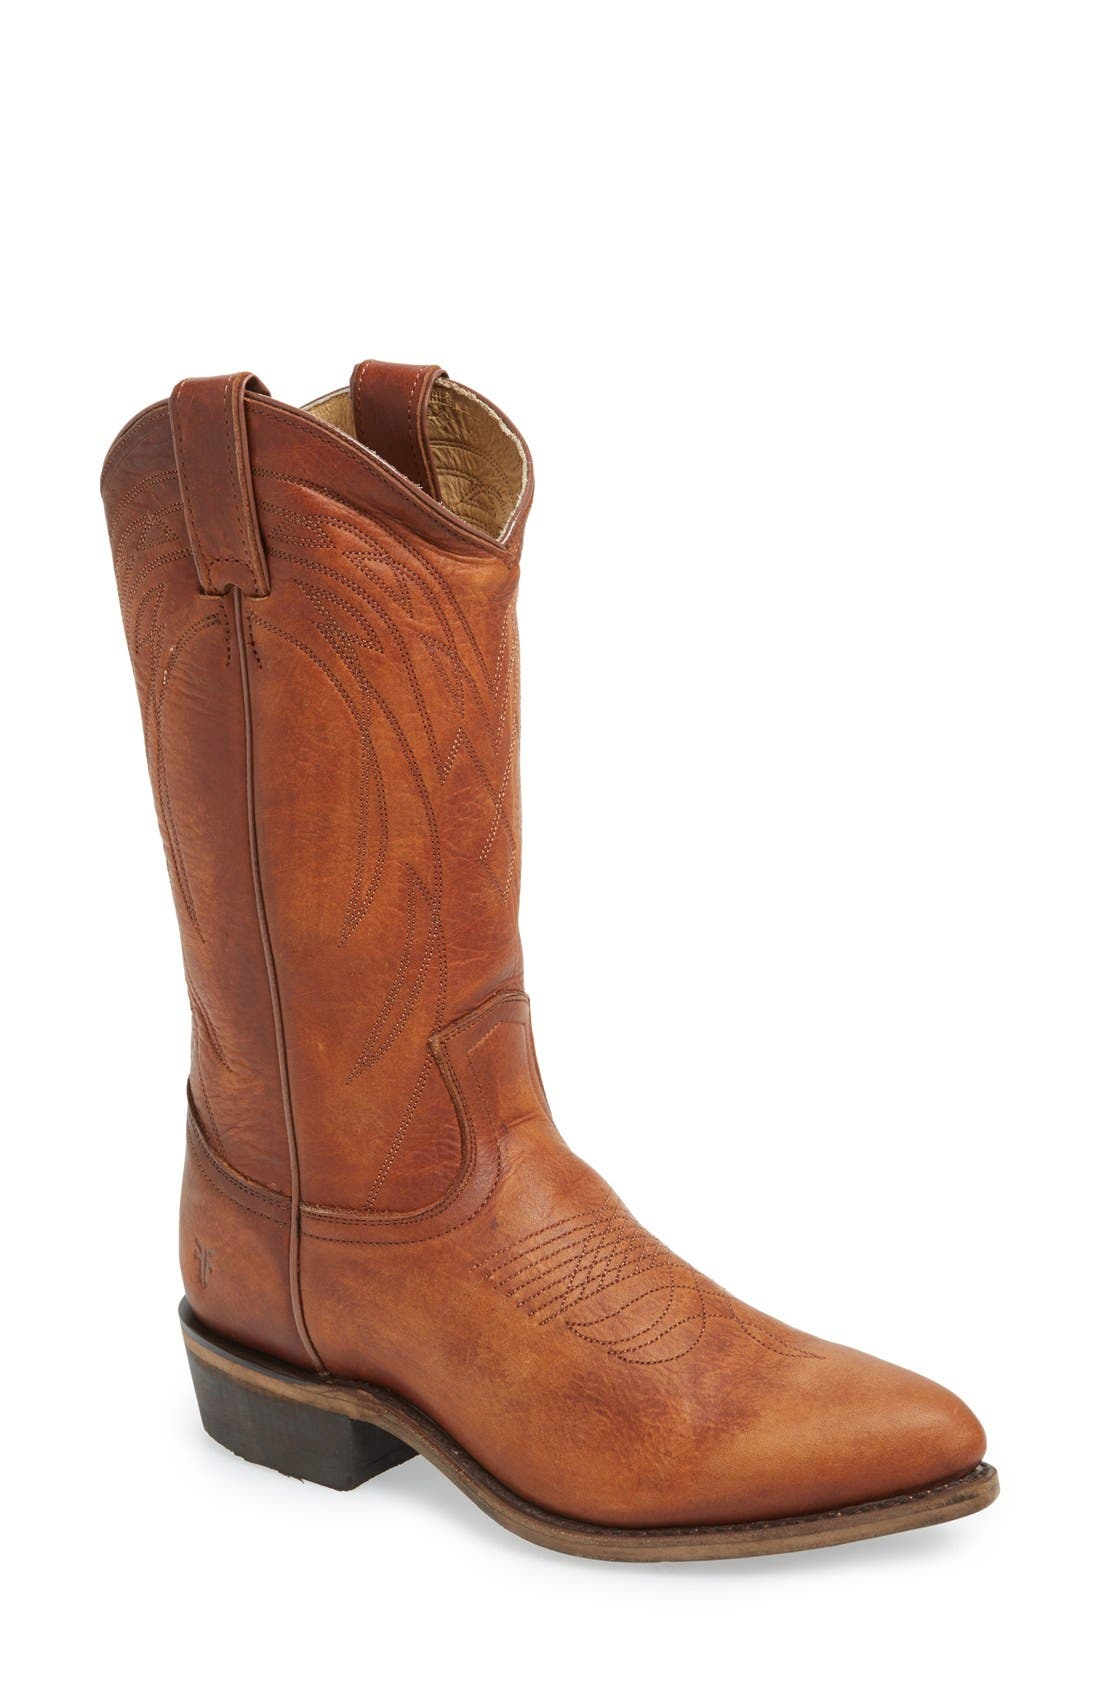 Main Image - Frye 'Billy' Western Boot (Women)